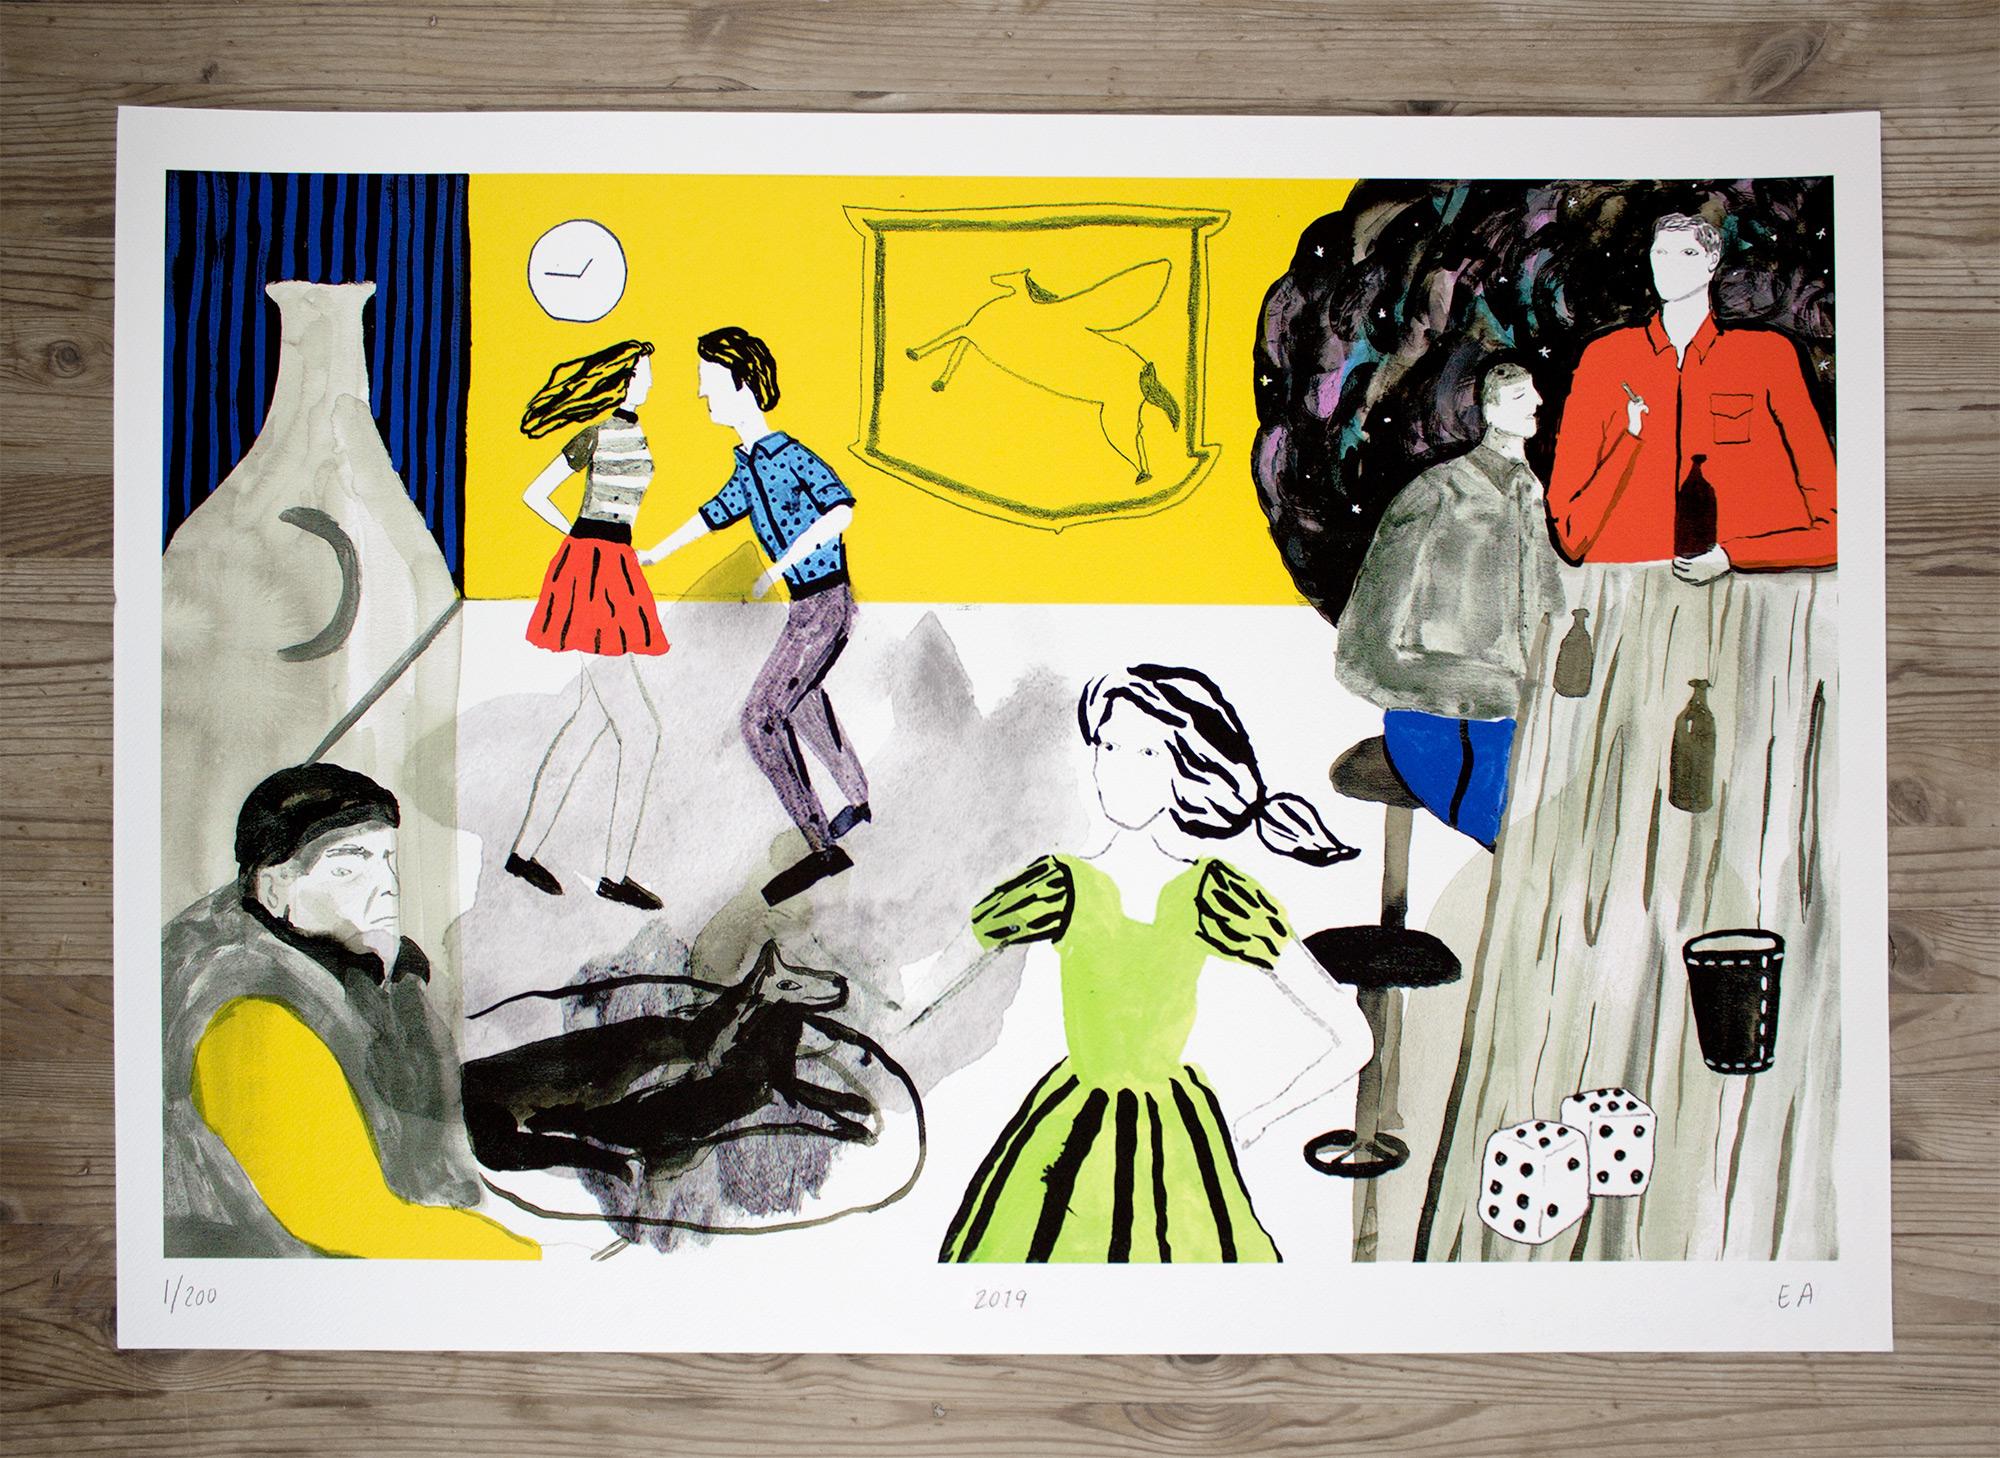 plakater-posters-kunsttryk, giclee-tryk, farverige, illustrative, pop, hverdagsliv, bevægelse, mennesker, sorte, grønne, grå, røde, blæk, papir, samtidskunst, dans, dansk, design, drinks, kvindelig, interiør, bolig-indretning, moderne, moderne-kunst, nordisk, fest, skandinavisk, Køb original kunst og kunstplakater. Malerier, tegninger, limited edition kunsttryk & plakater af dygtige kunstnere.